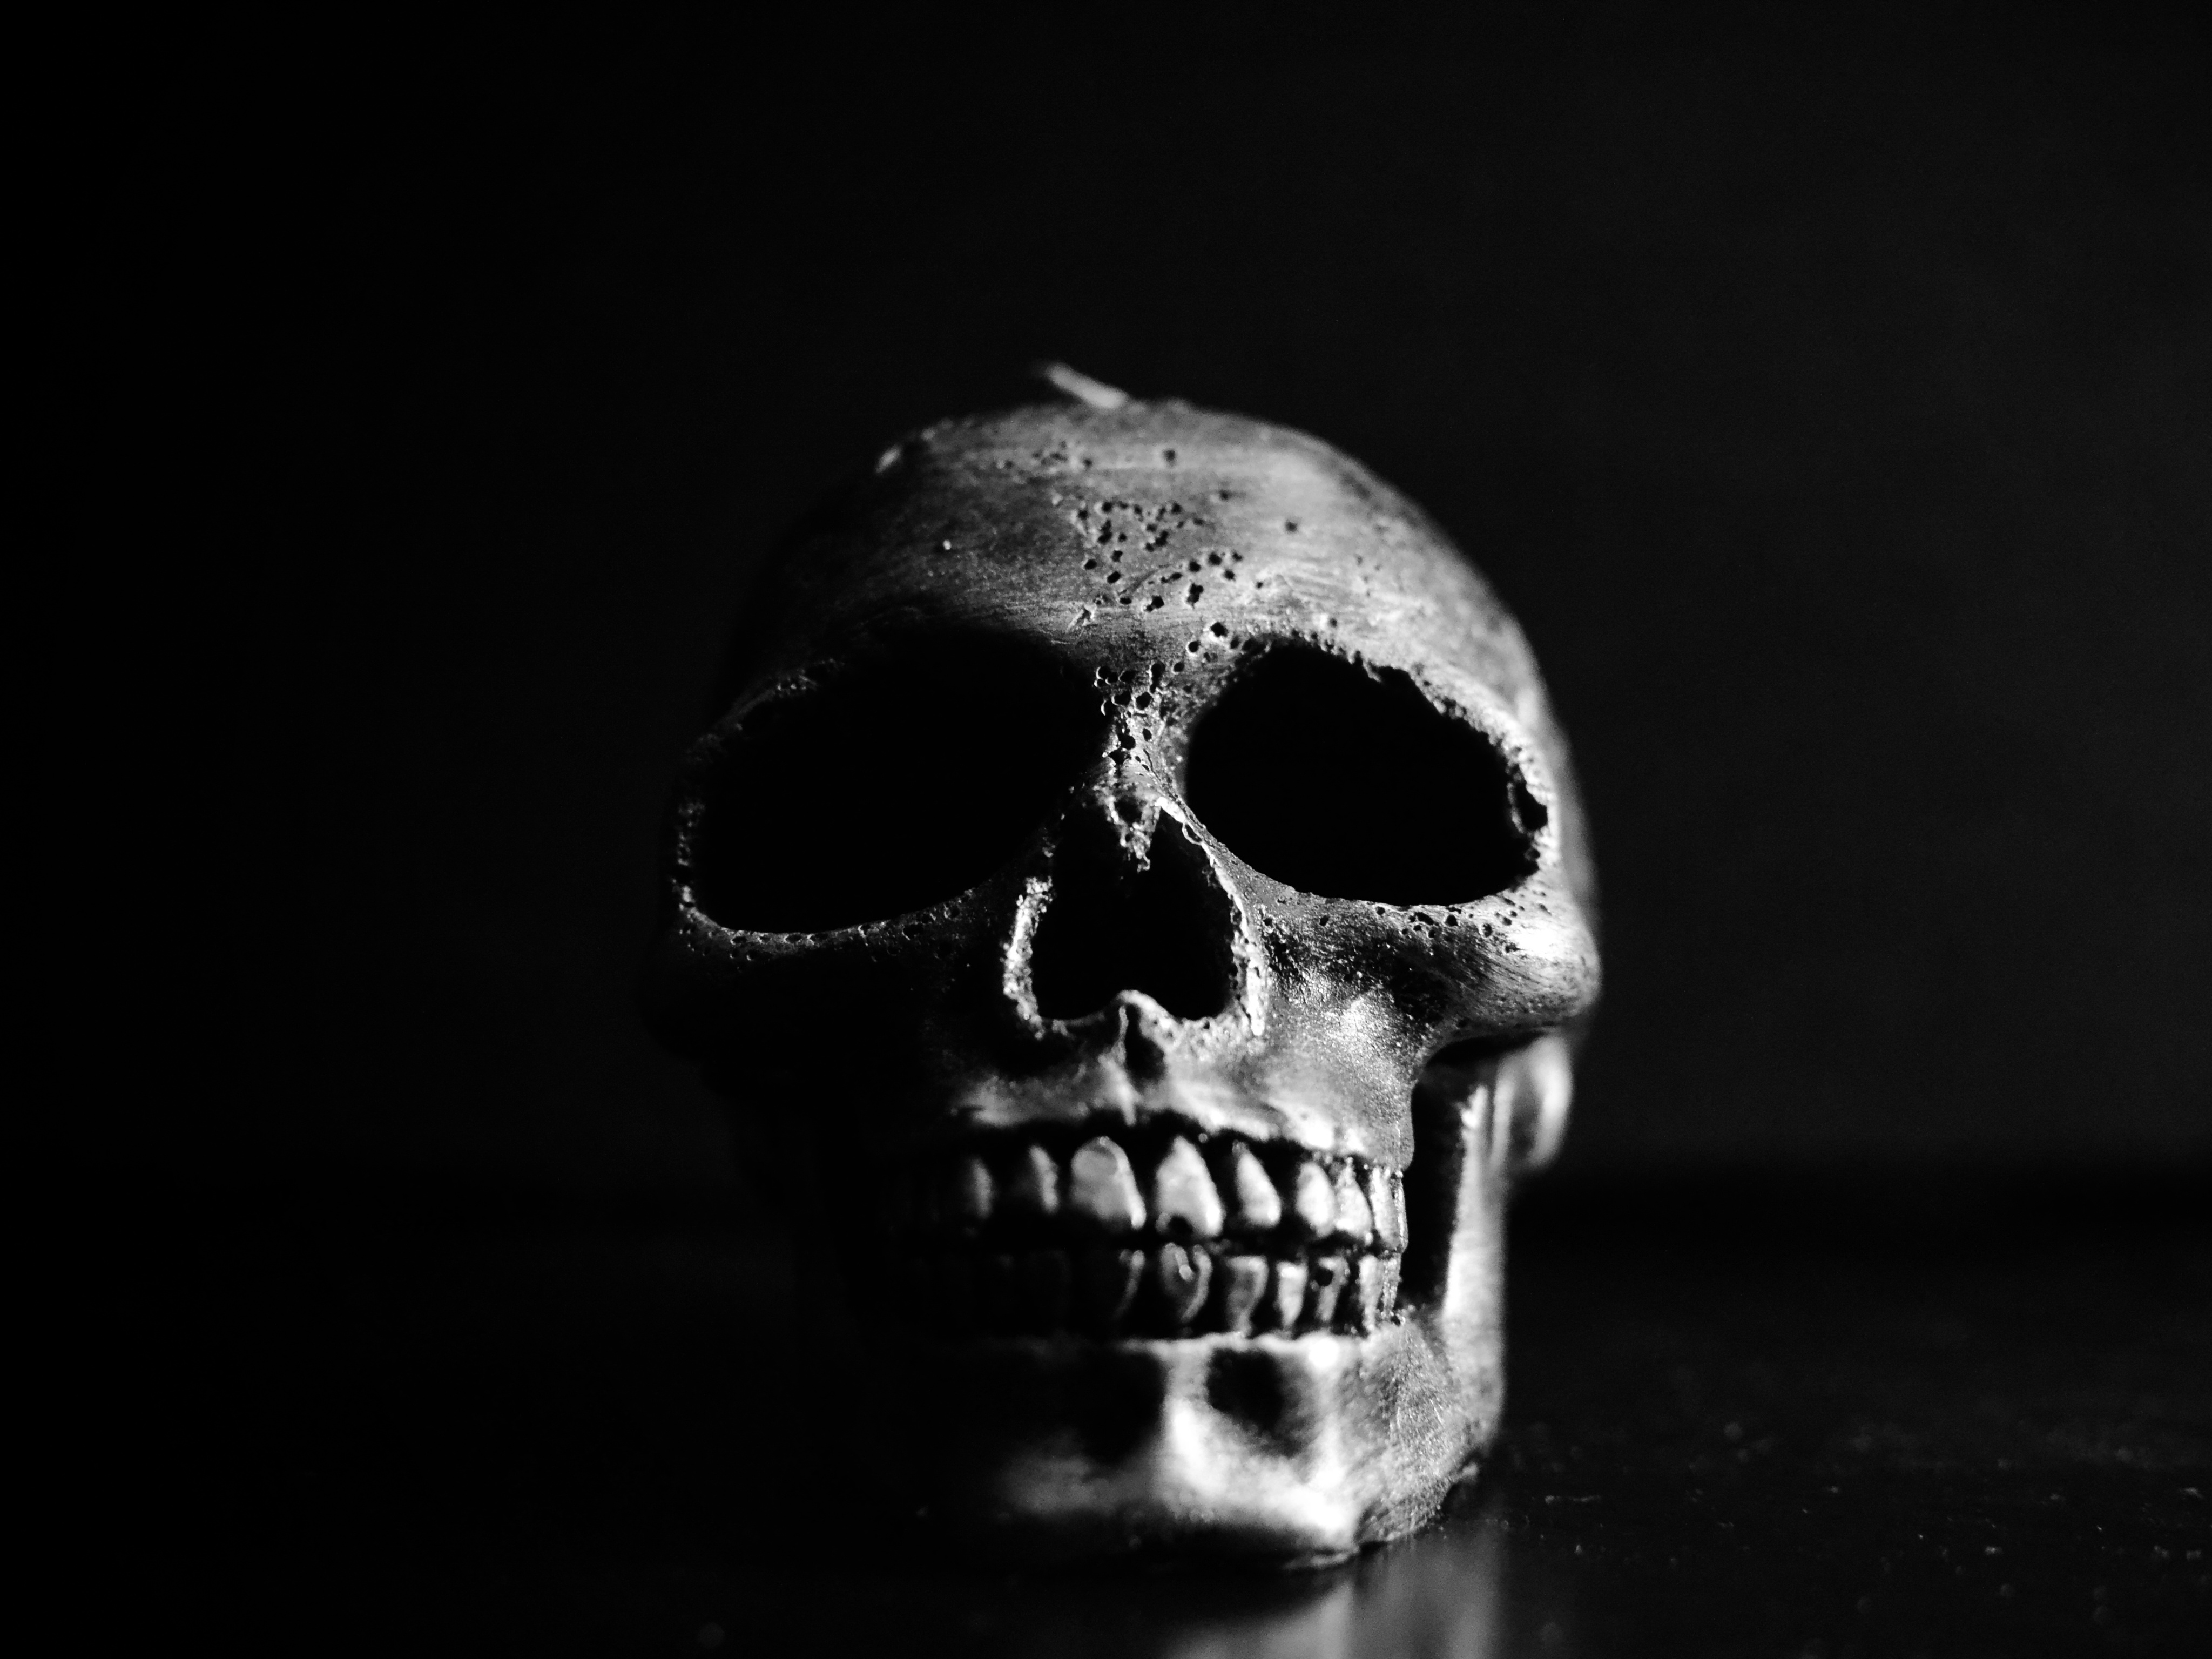 the skull BW